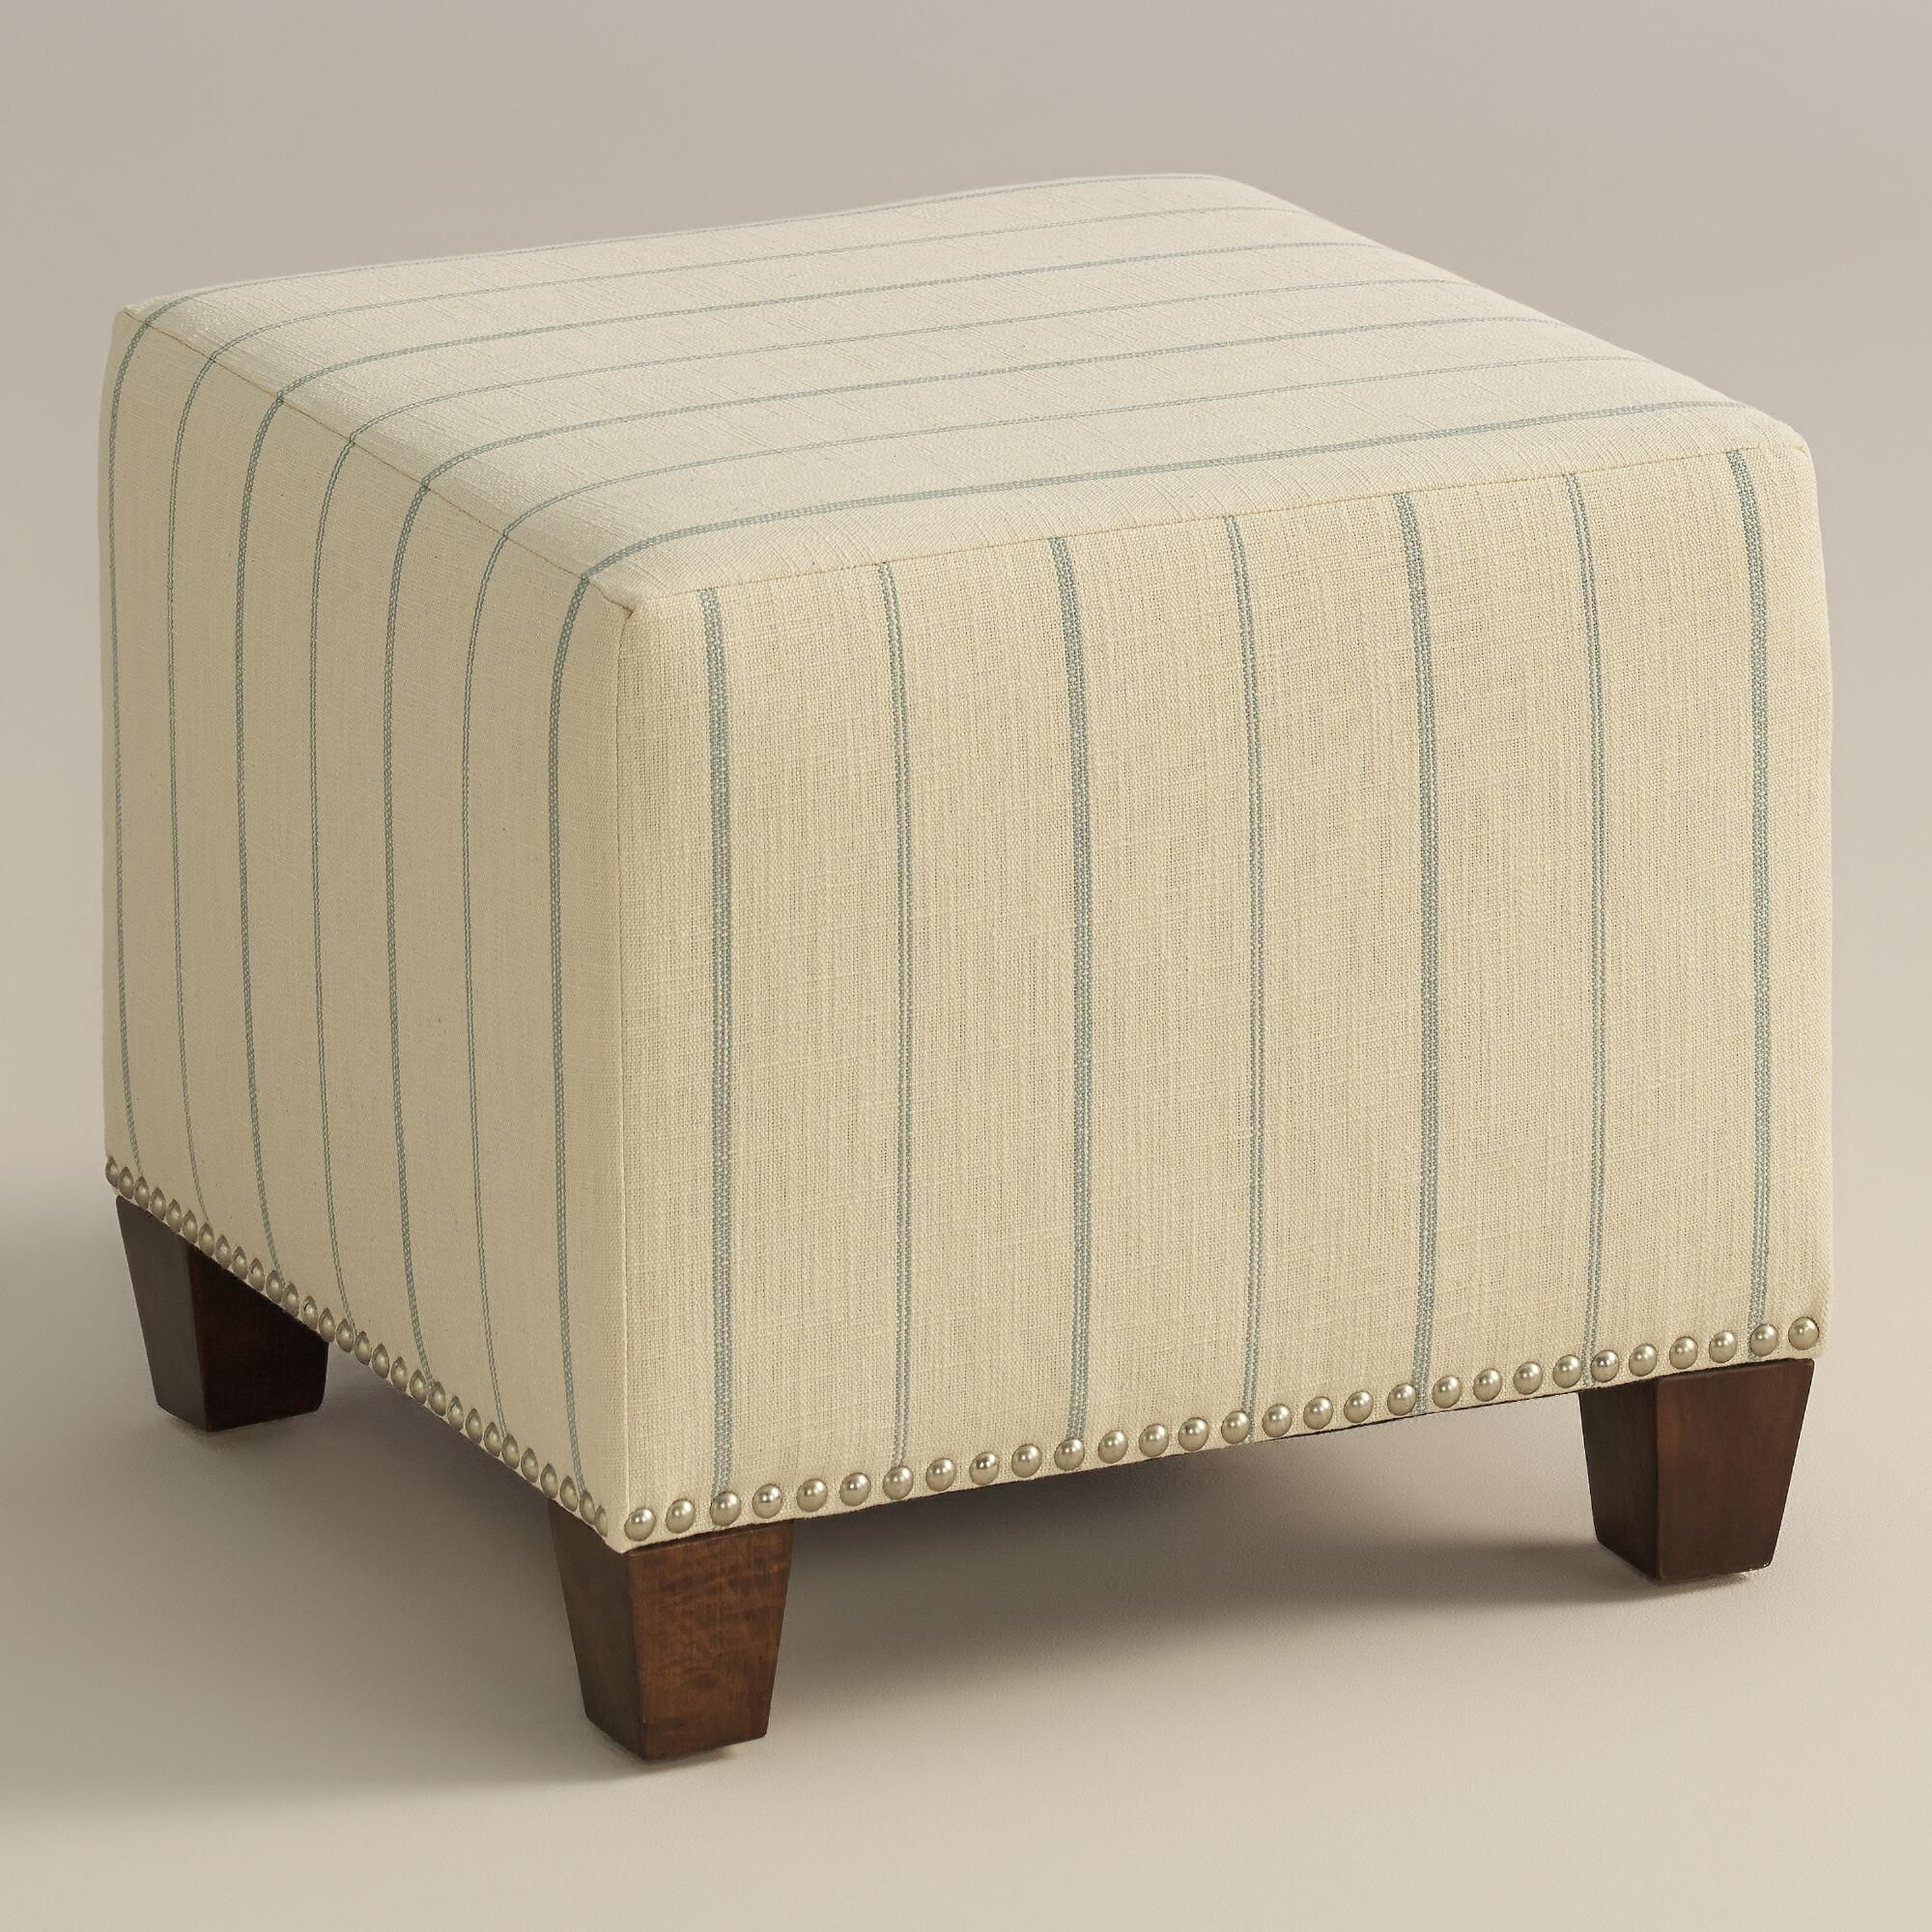 ottoman for living room%0A Sky Fritz McKenzie Upholsetered Ottoman  Ottoman BenchLiving Room